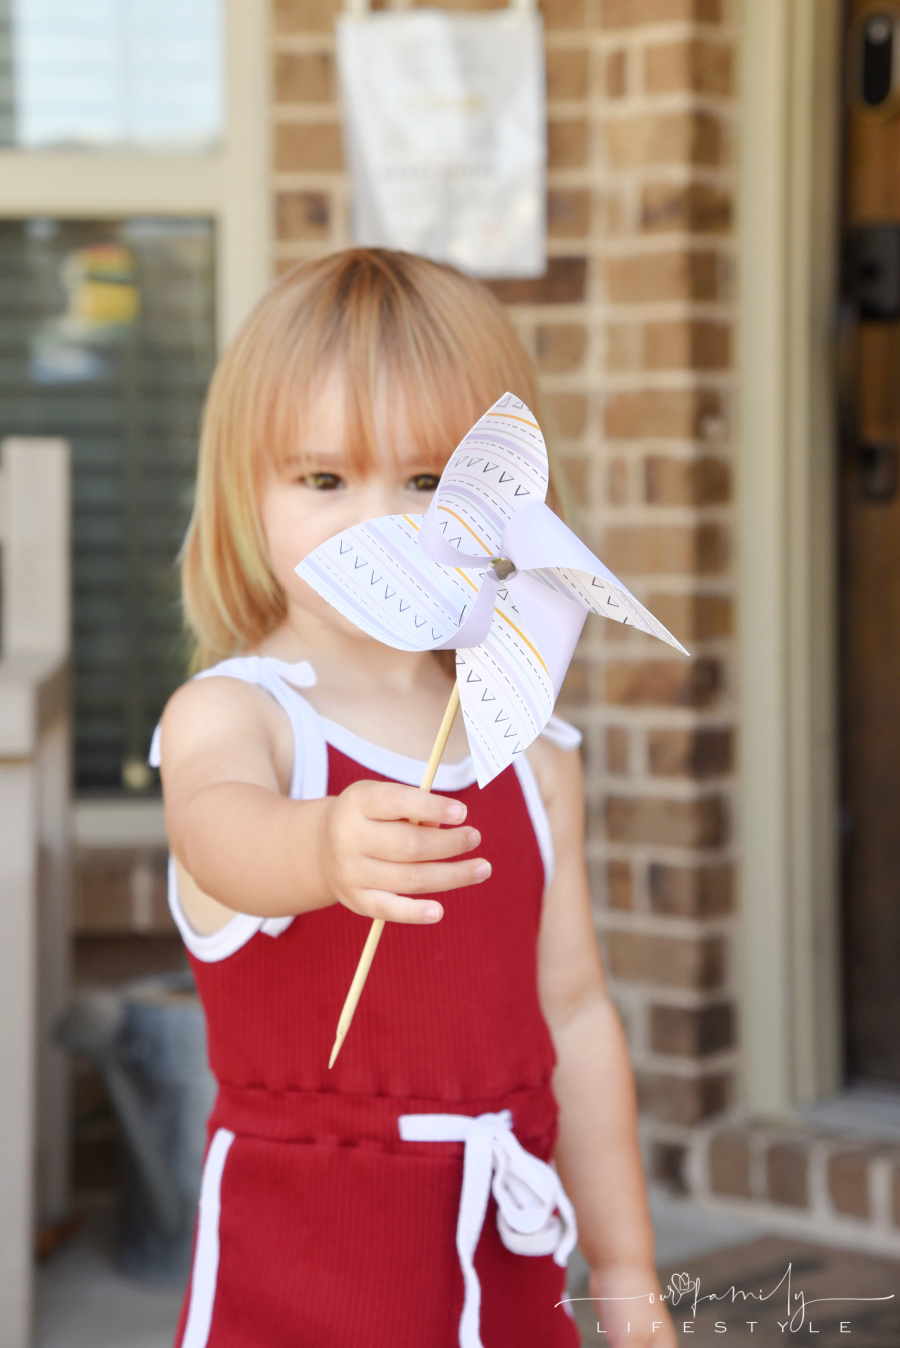 toddler holding DIY pinwheel